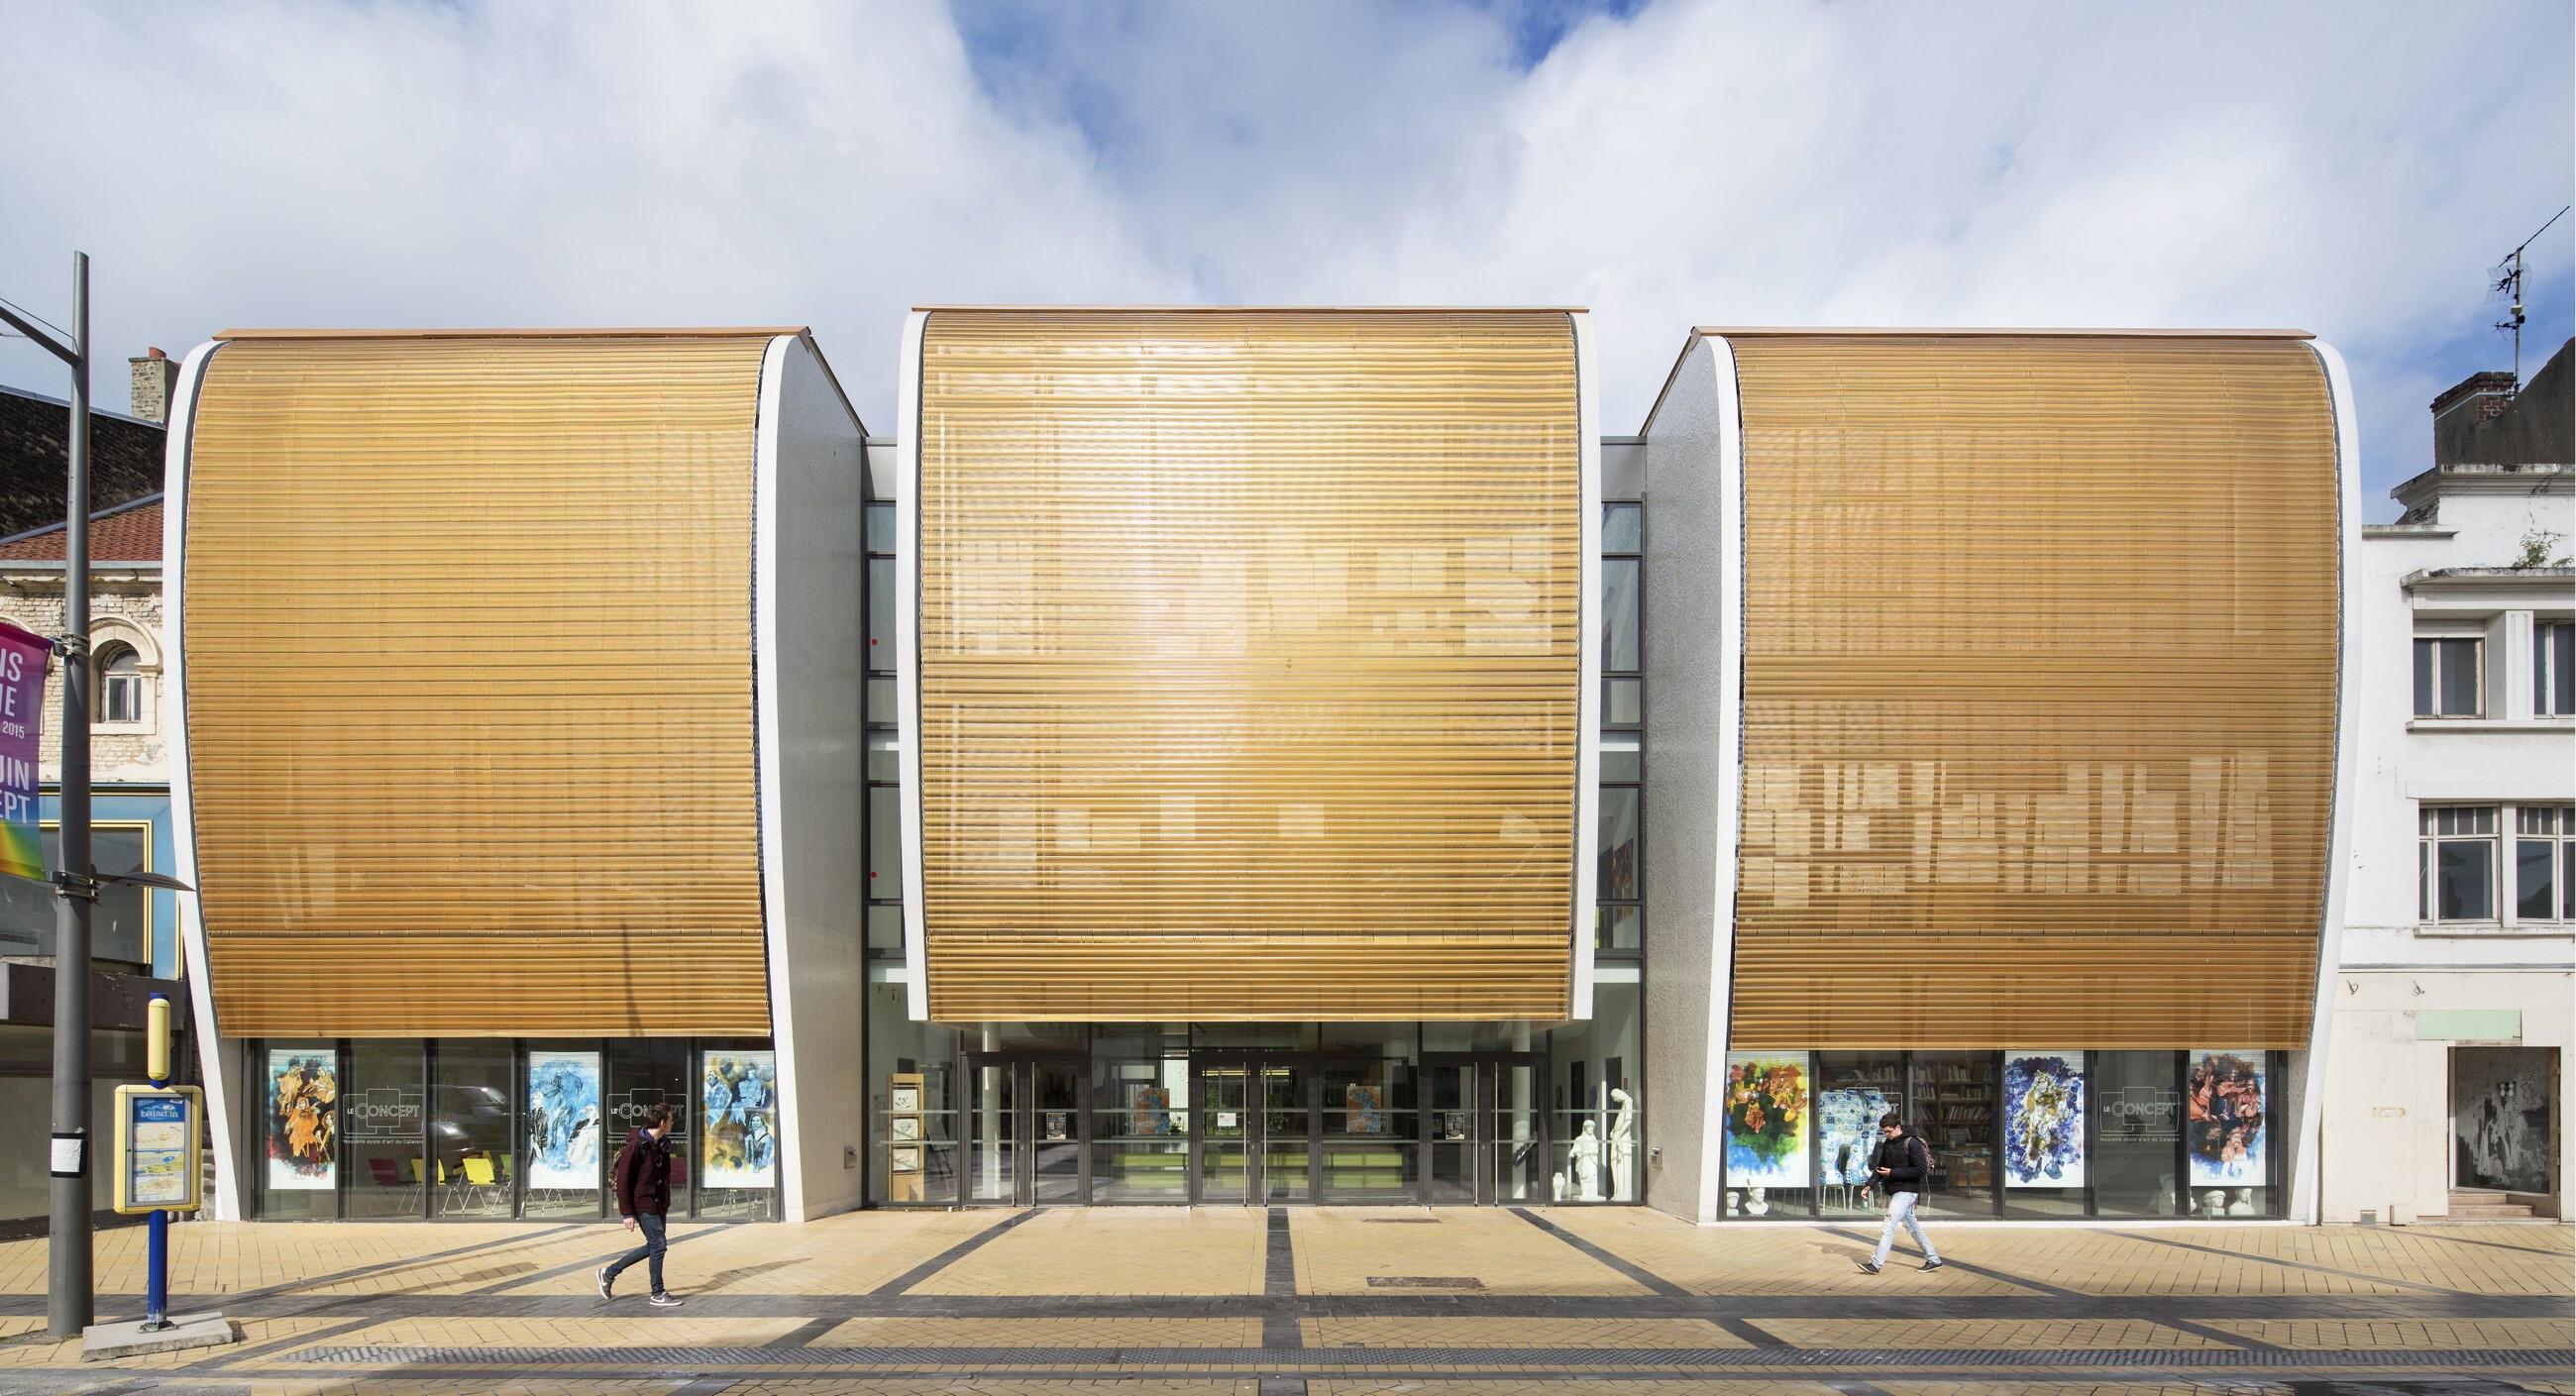 School of Arts in Calais